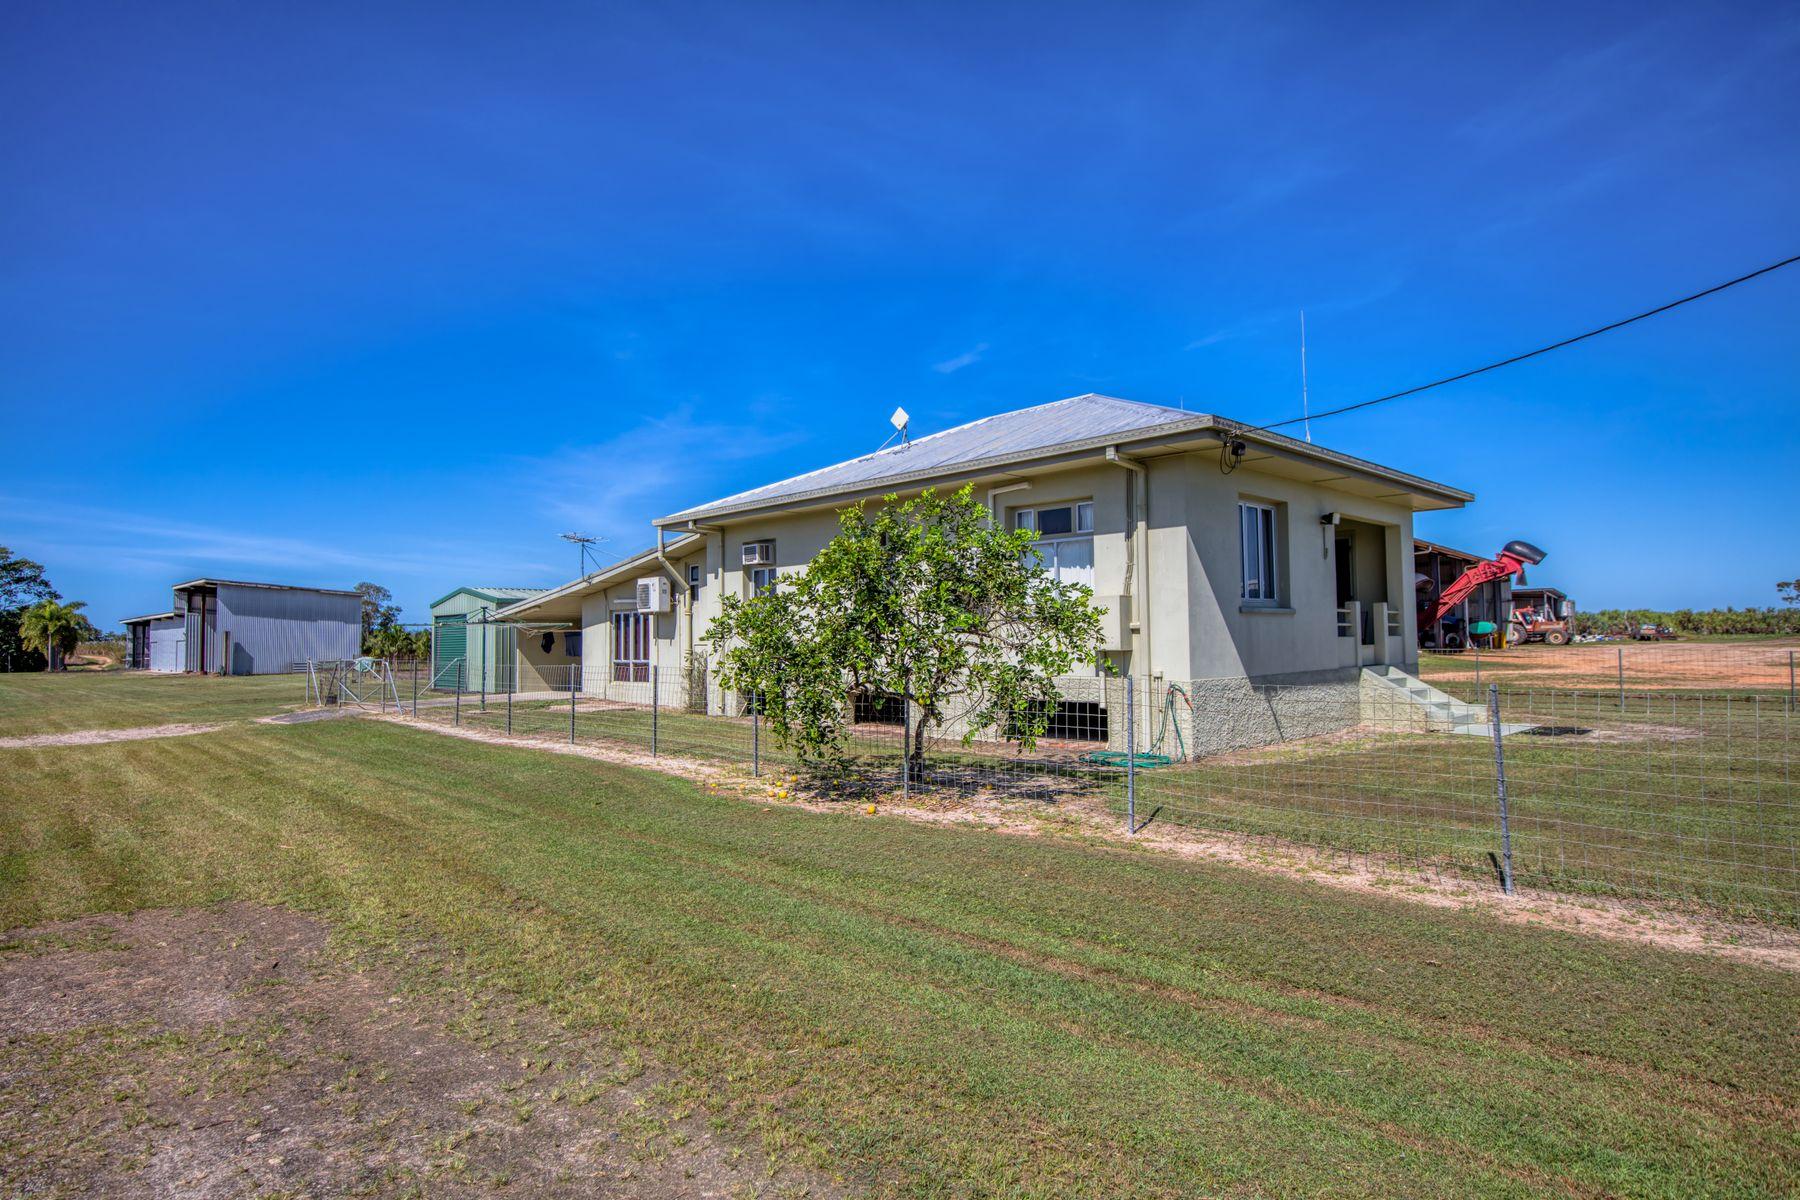 414 NEW HARBOURLINE ROAD, New Harbourline, QLD 4858